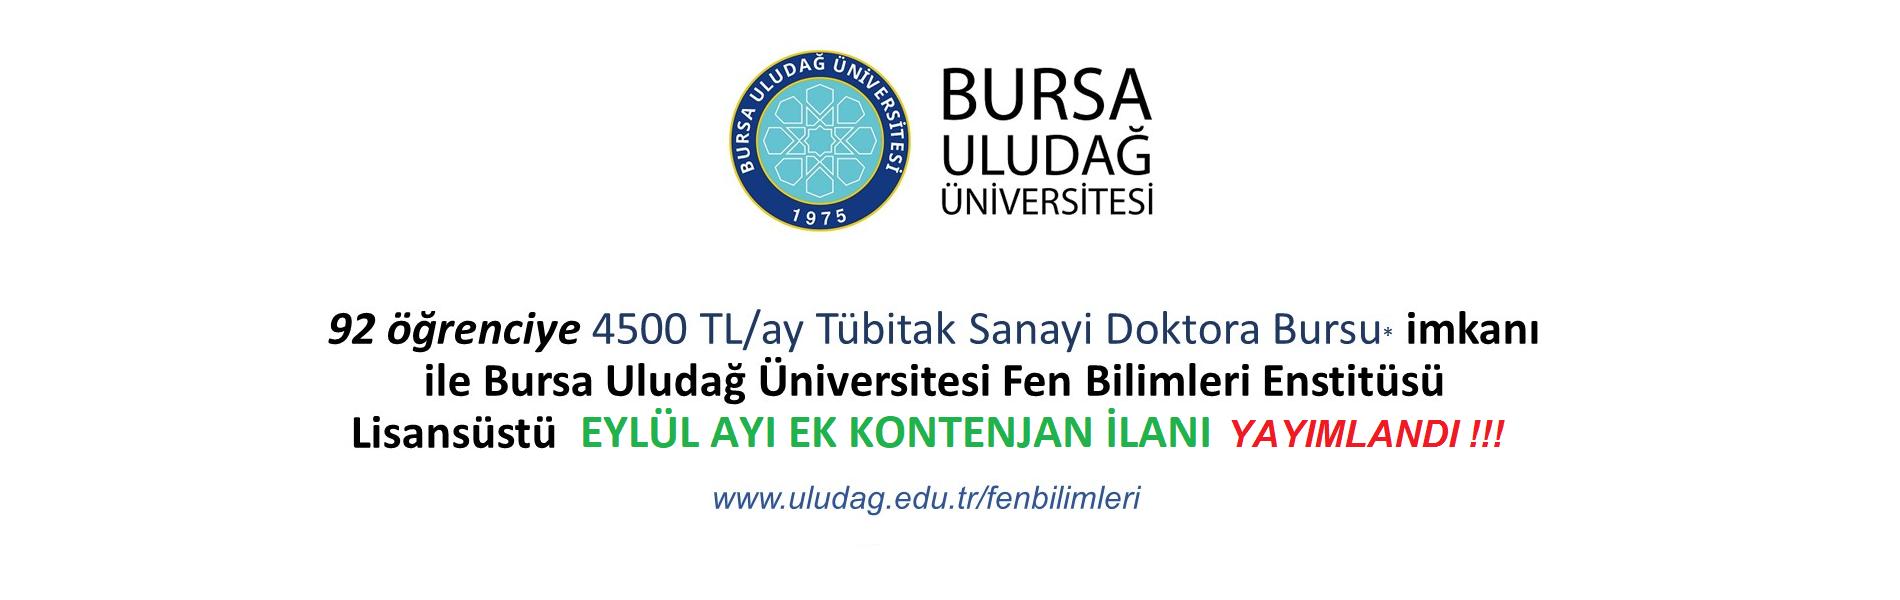 92 öğrenciye 4500 TL/ay Tübitak Sanayi Doktora Bursu imkanı